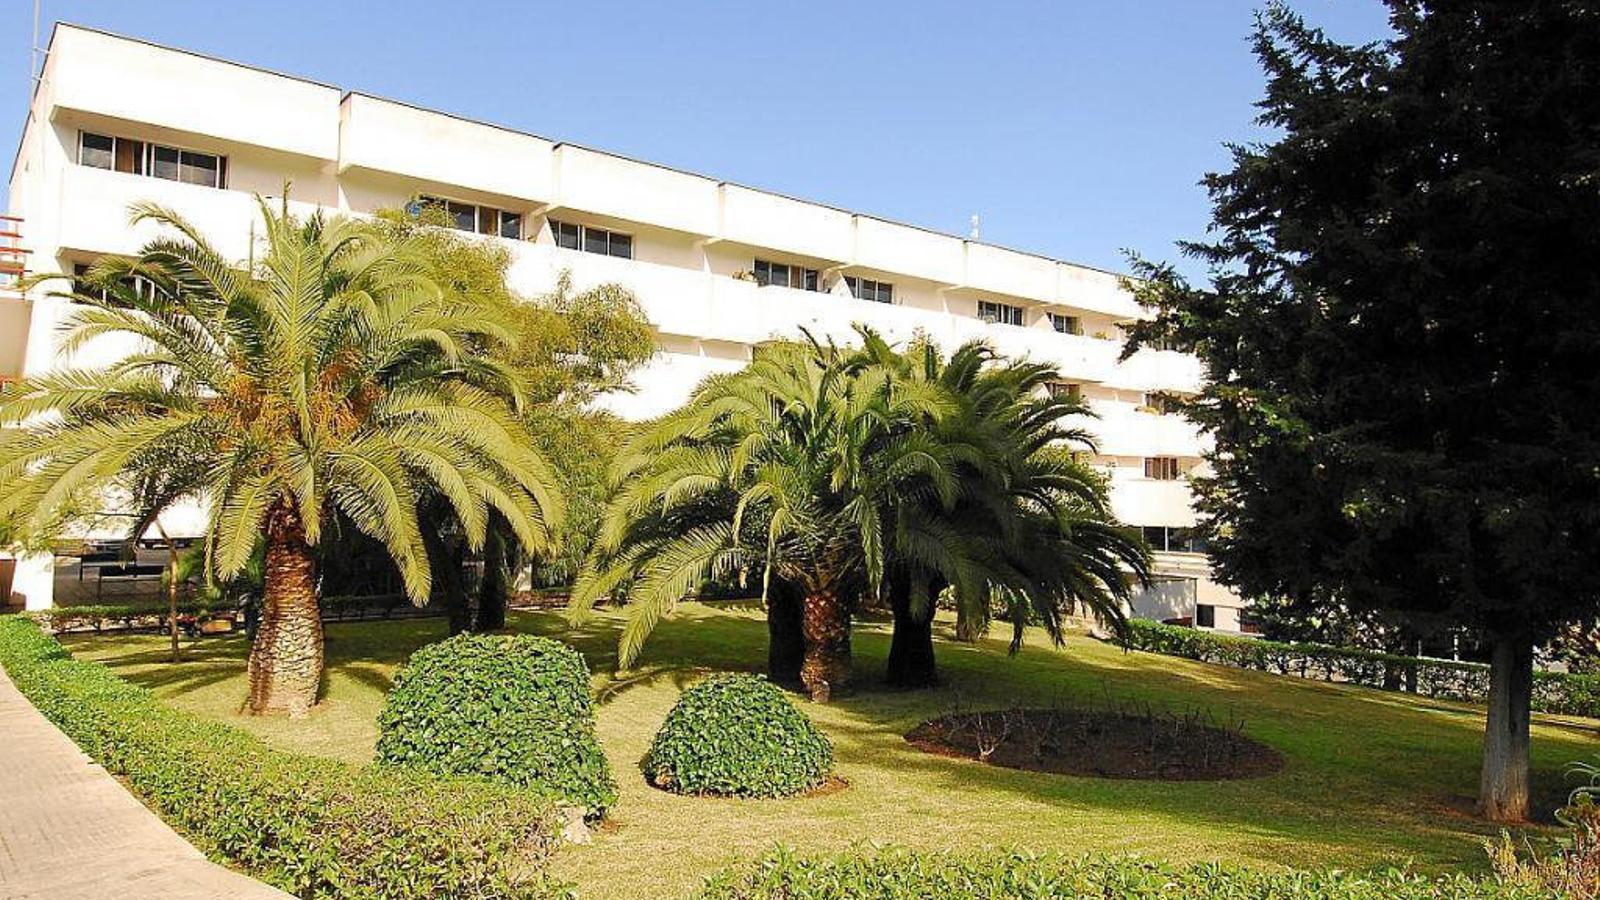 Rosa Serrano és funcionària de carrera, amb plaça fixa a la residència Bonanova de Palma.